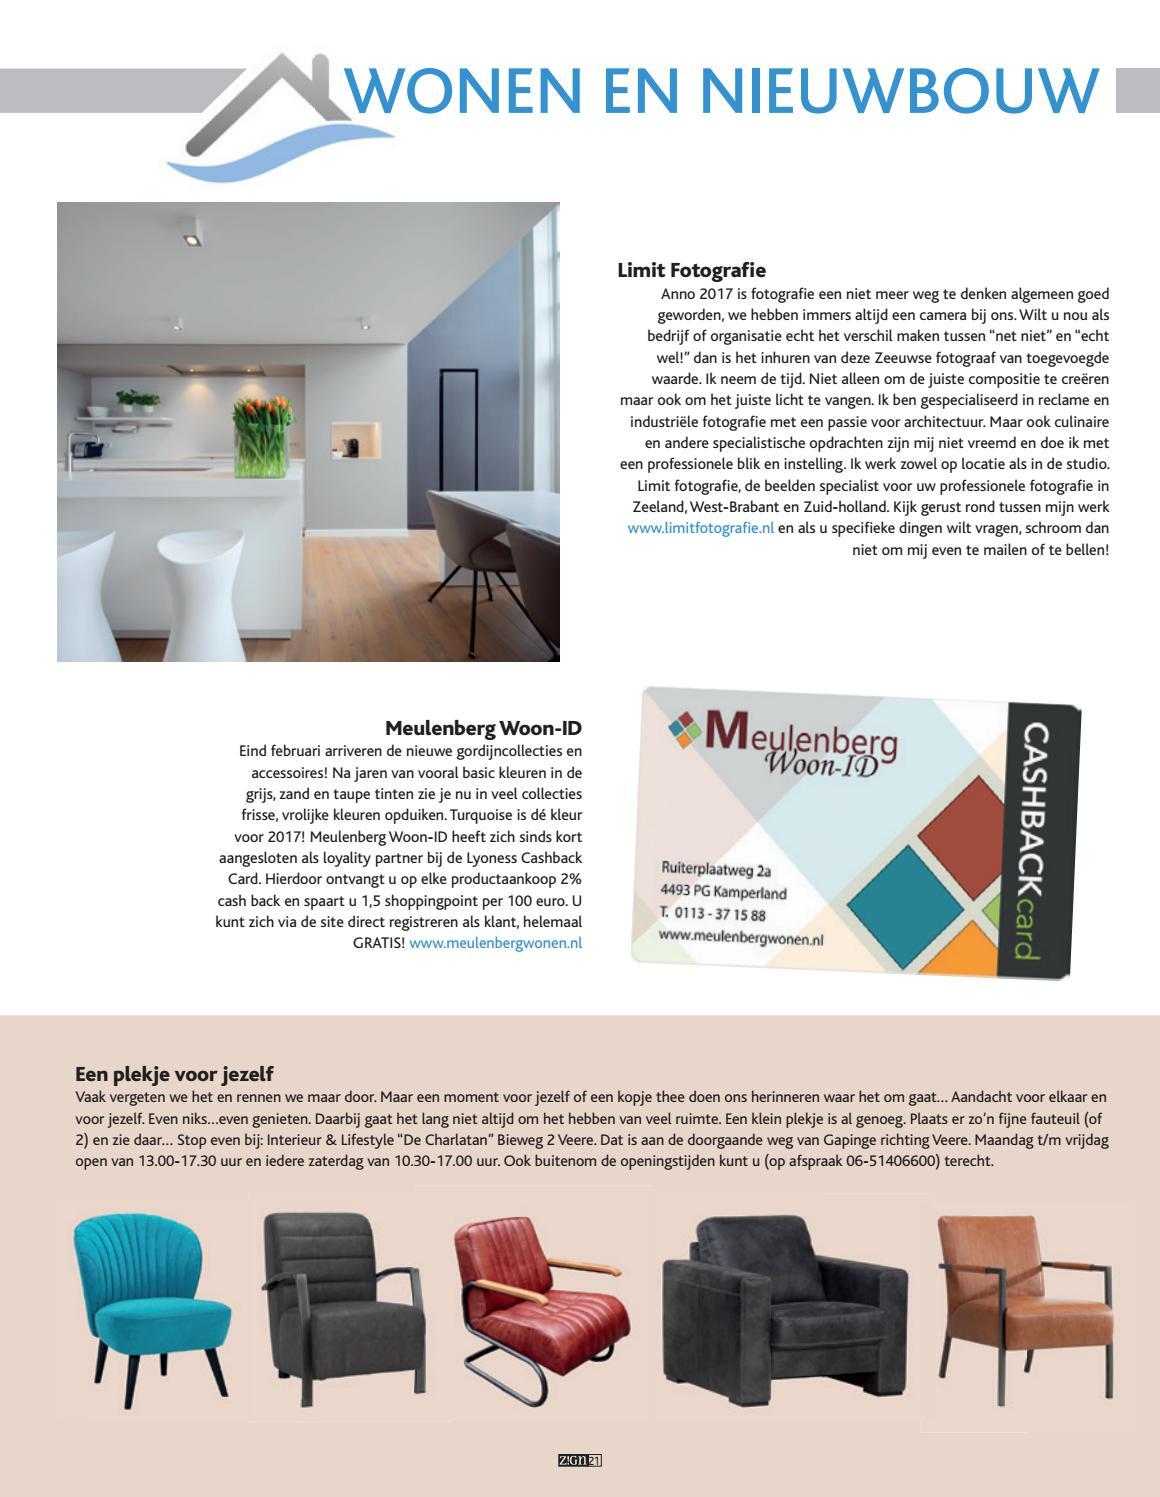 Charlatan Bieweg Veere.Zign Magazine Editie Februari 2017 By Quaeris Media Bv Issuu